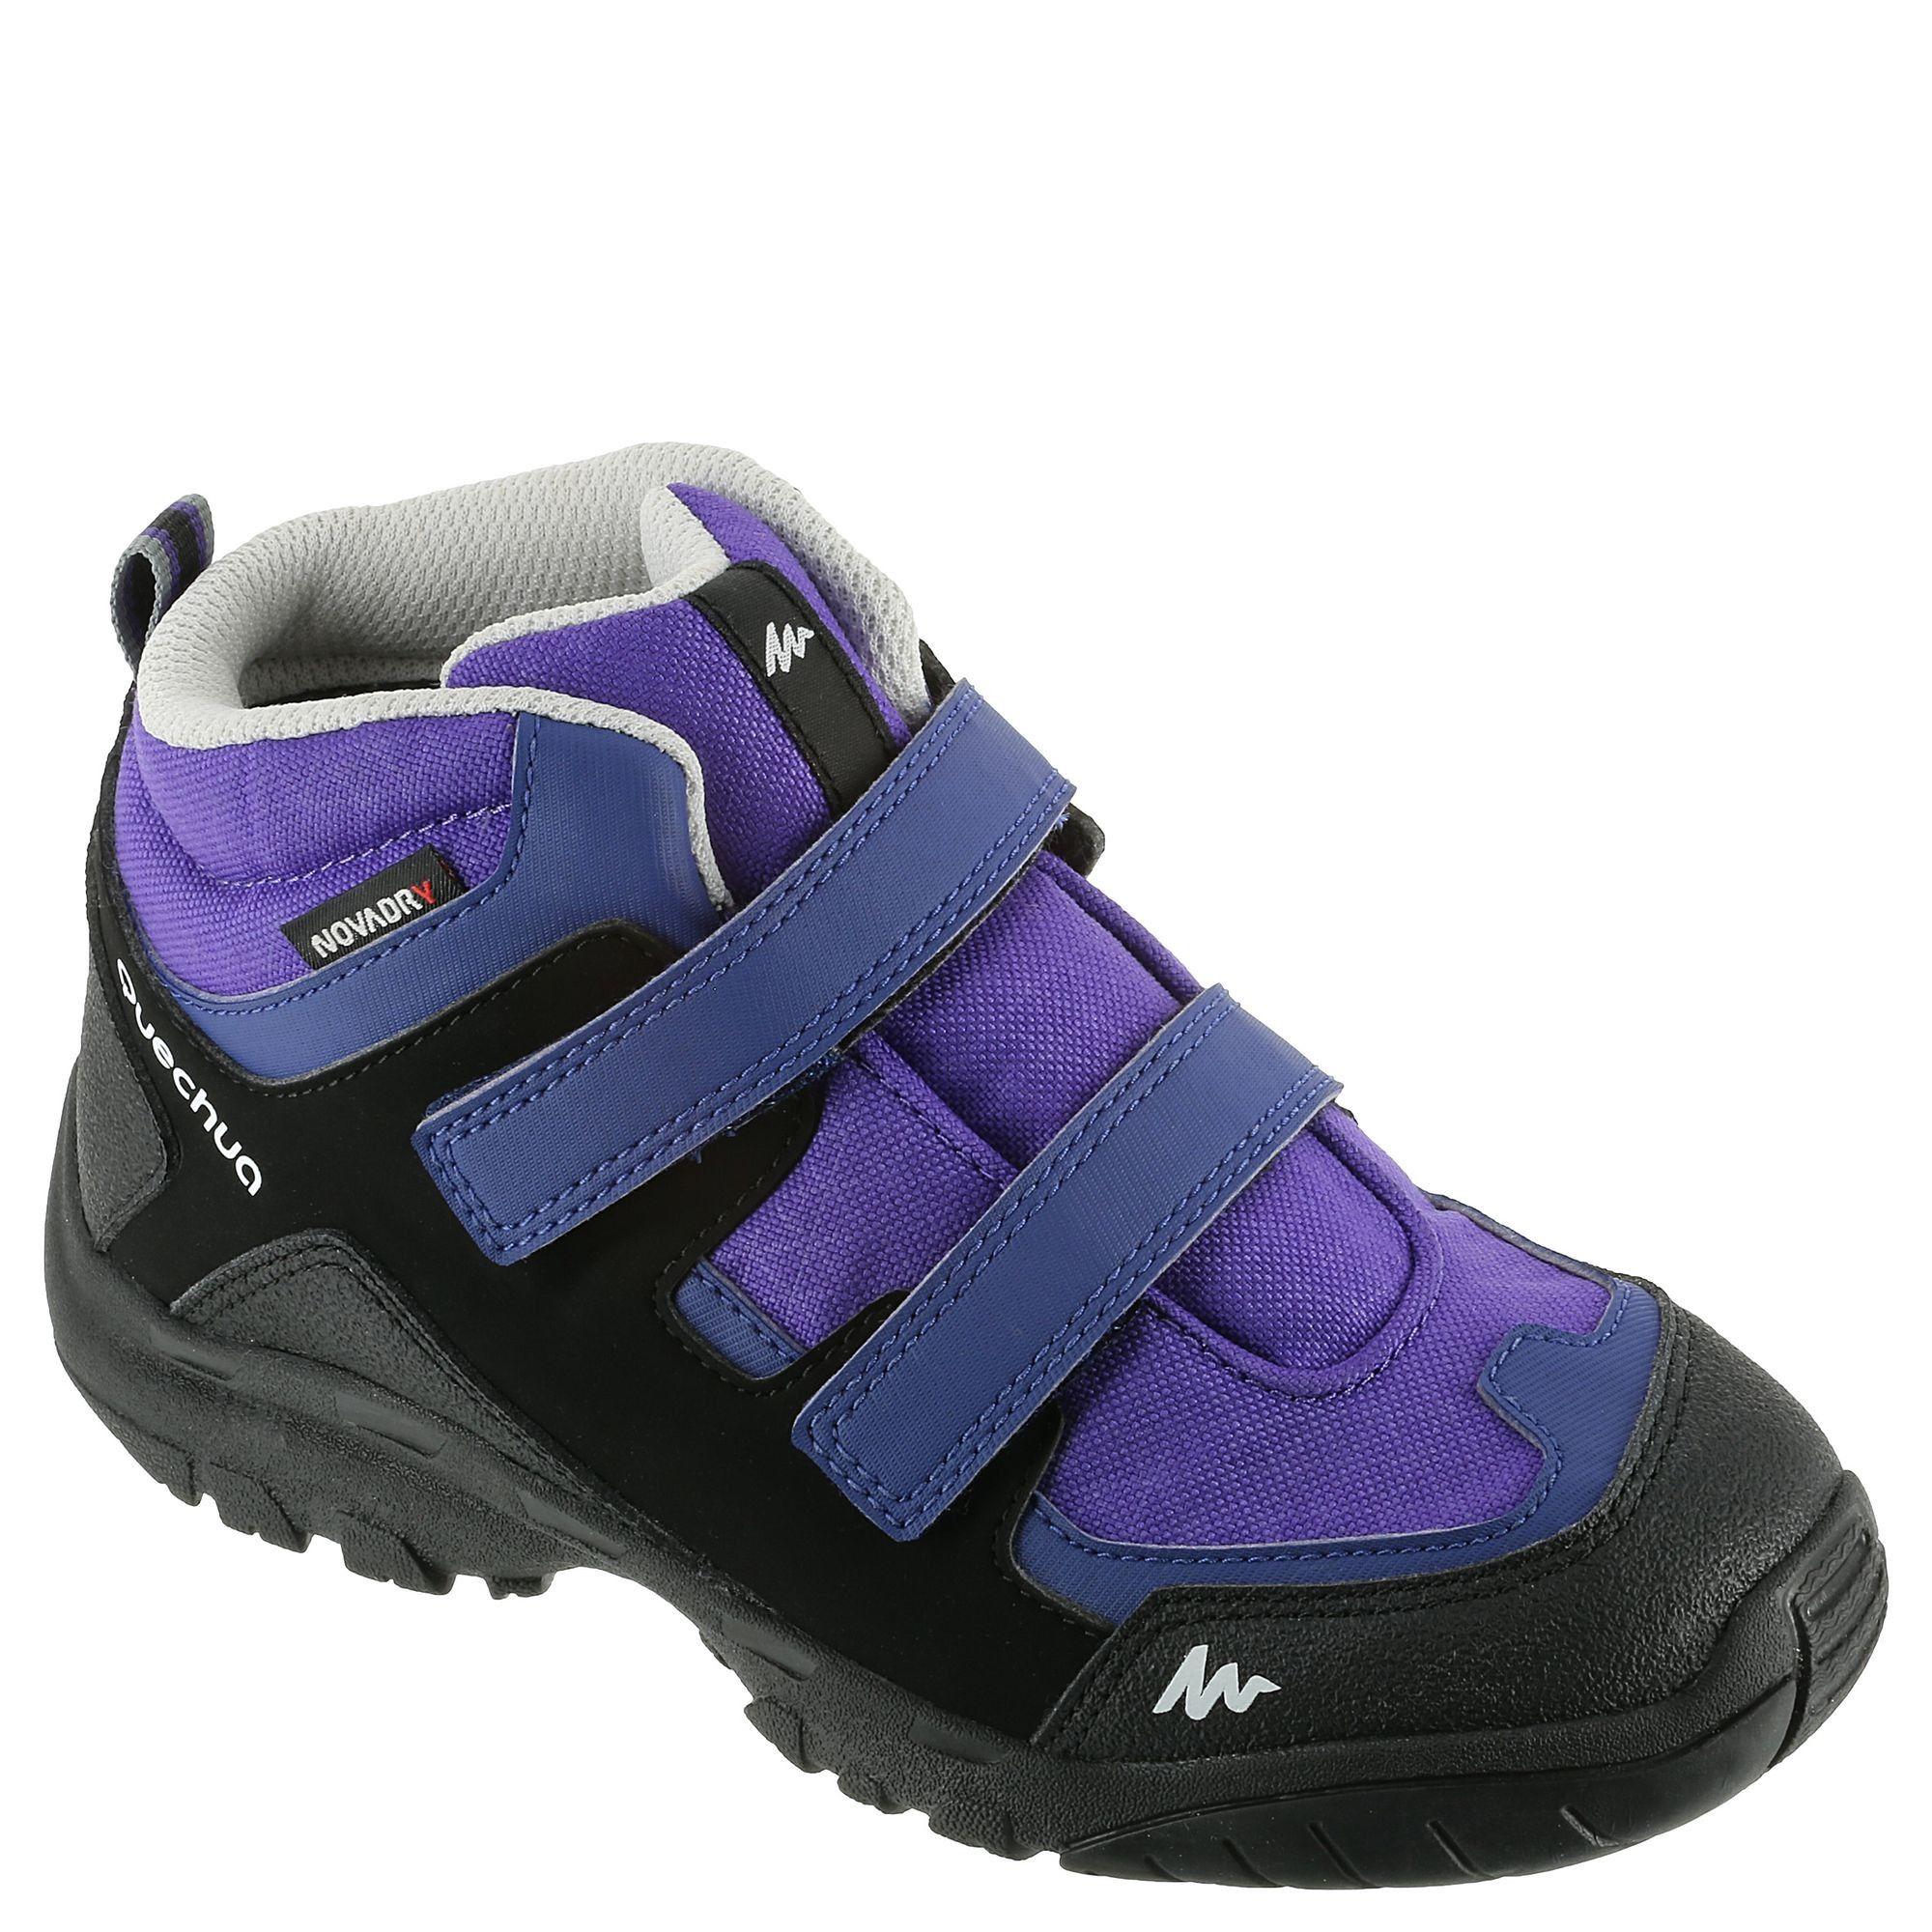 Buty Turystyczne Wysokie Dla Dzieci Arpenaz 100 Quechua Turystyka Junior Kids Outfits Fisherman Sandal Shoes